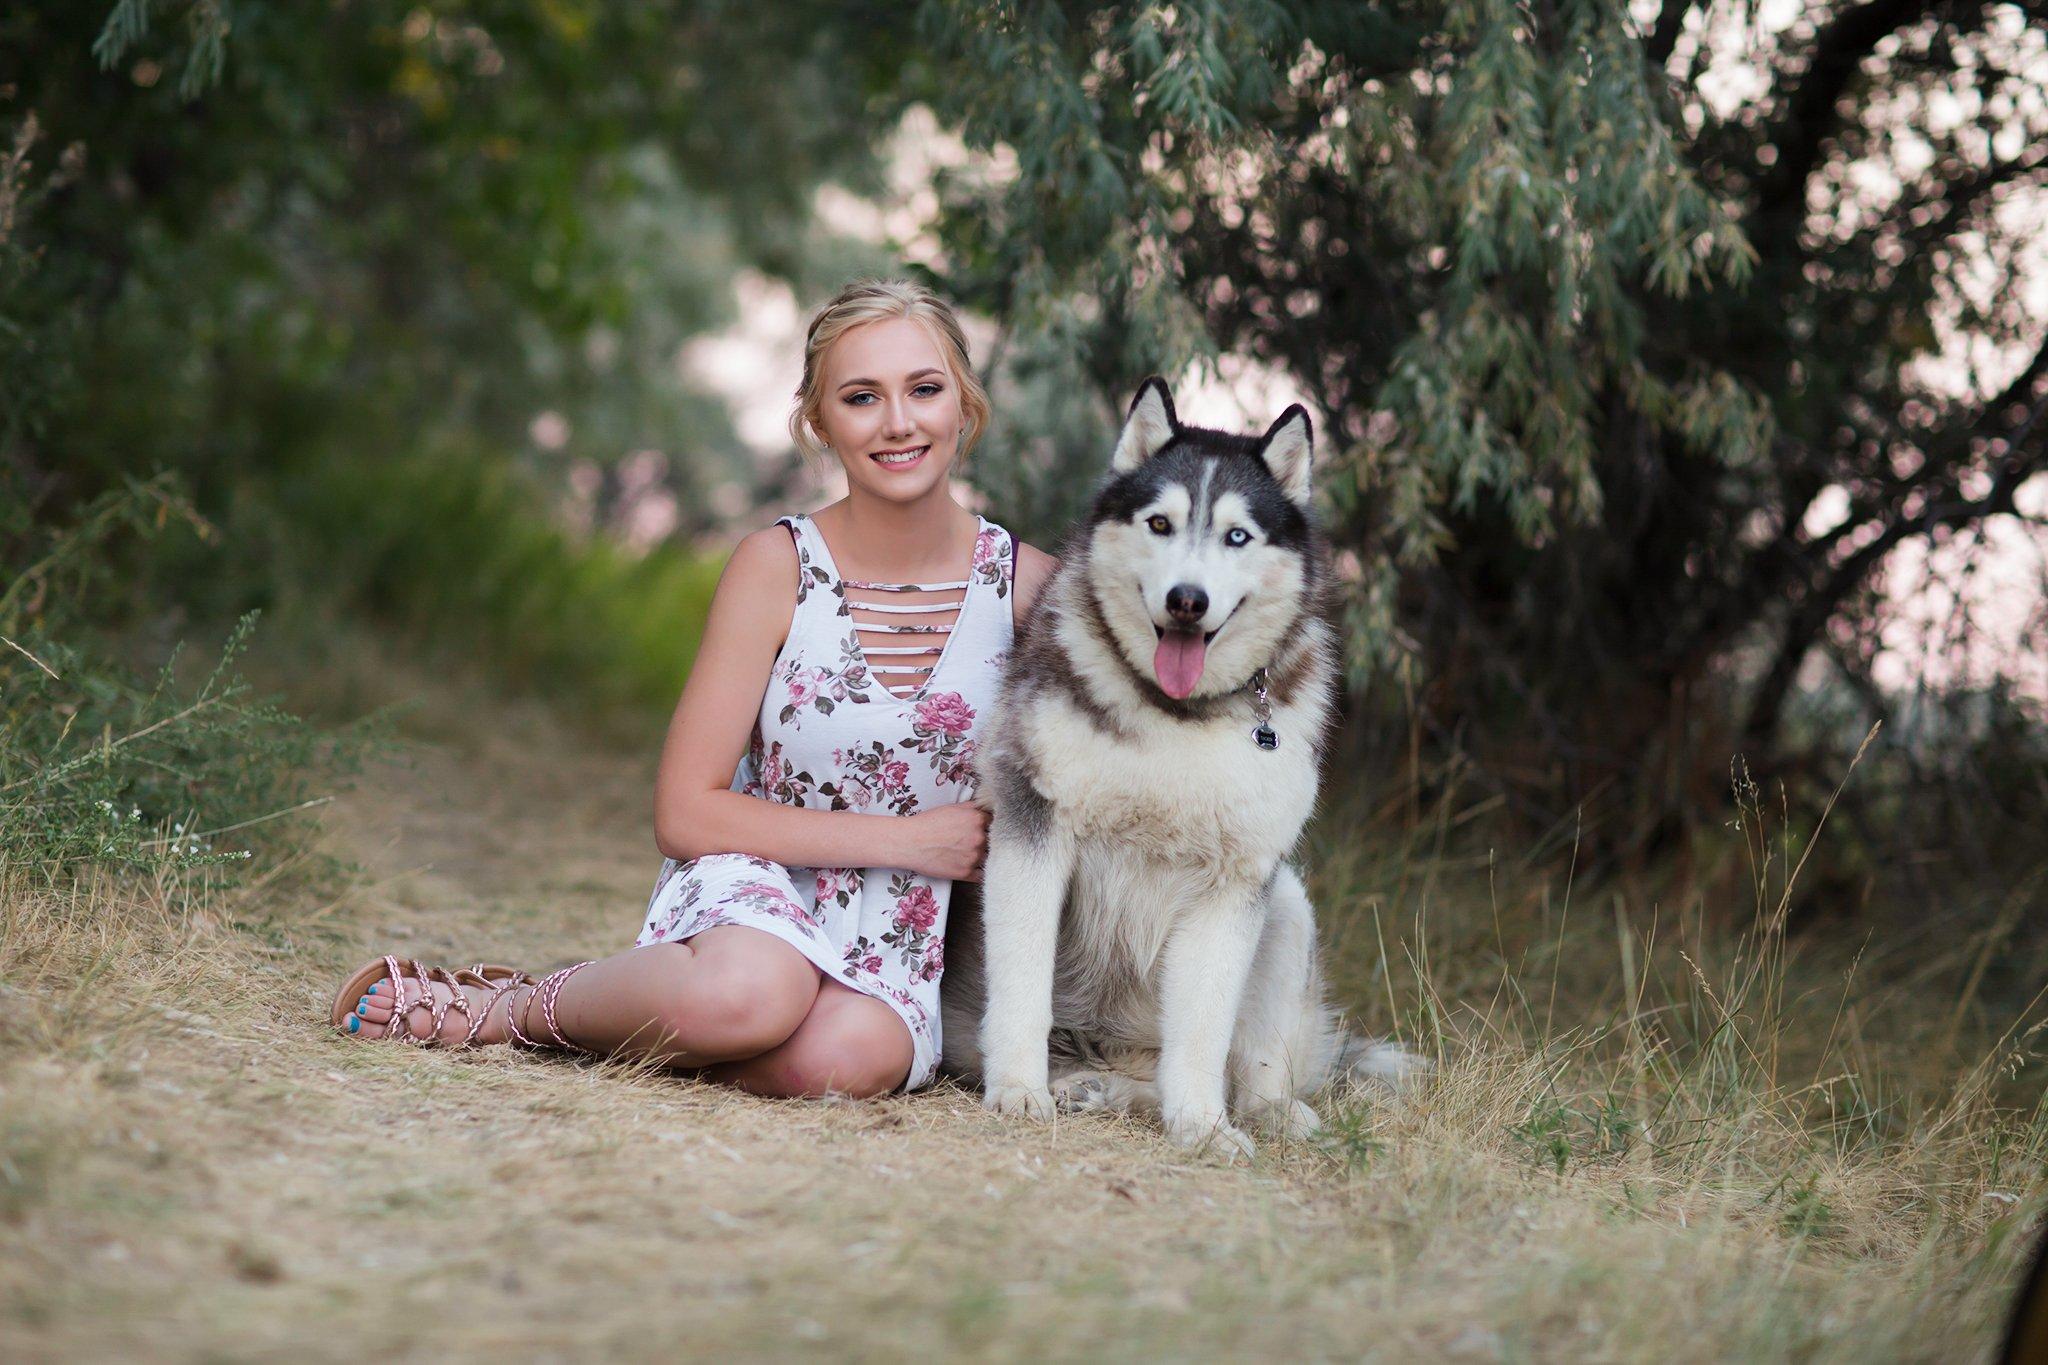 Pretty Presets S Curve Preset agregado a la foto de una niña con vestido de flores sentada junto a un perro huskie